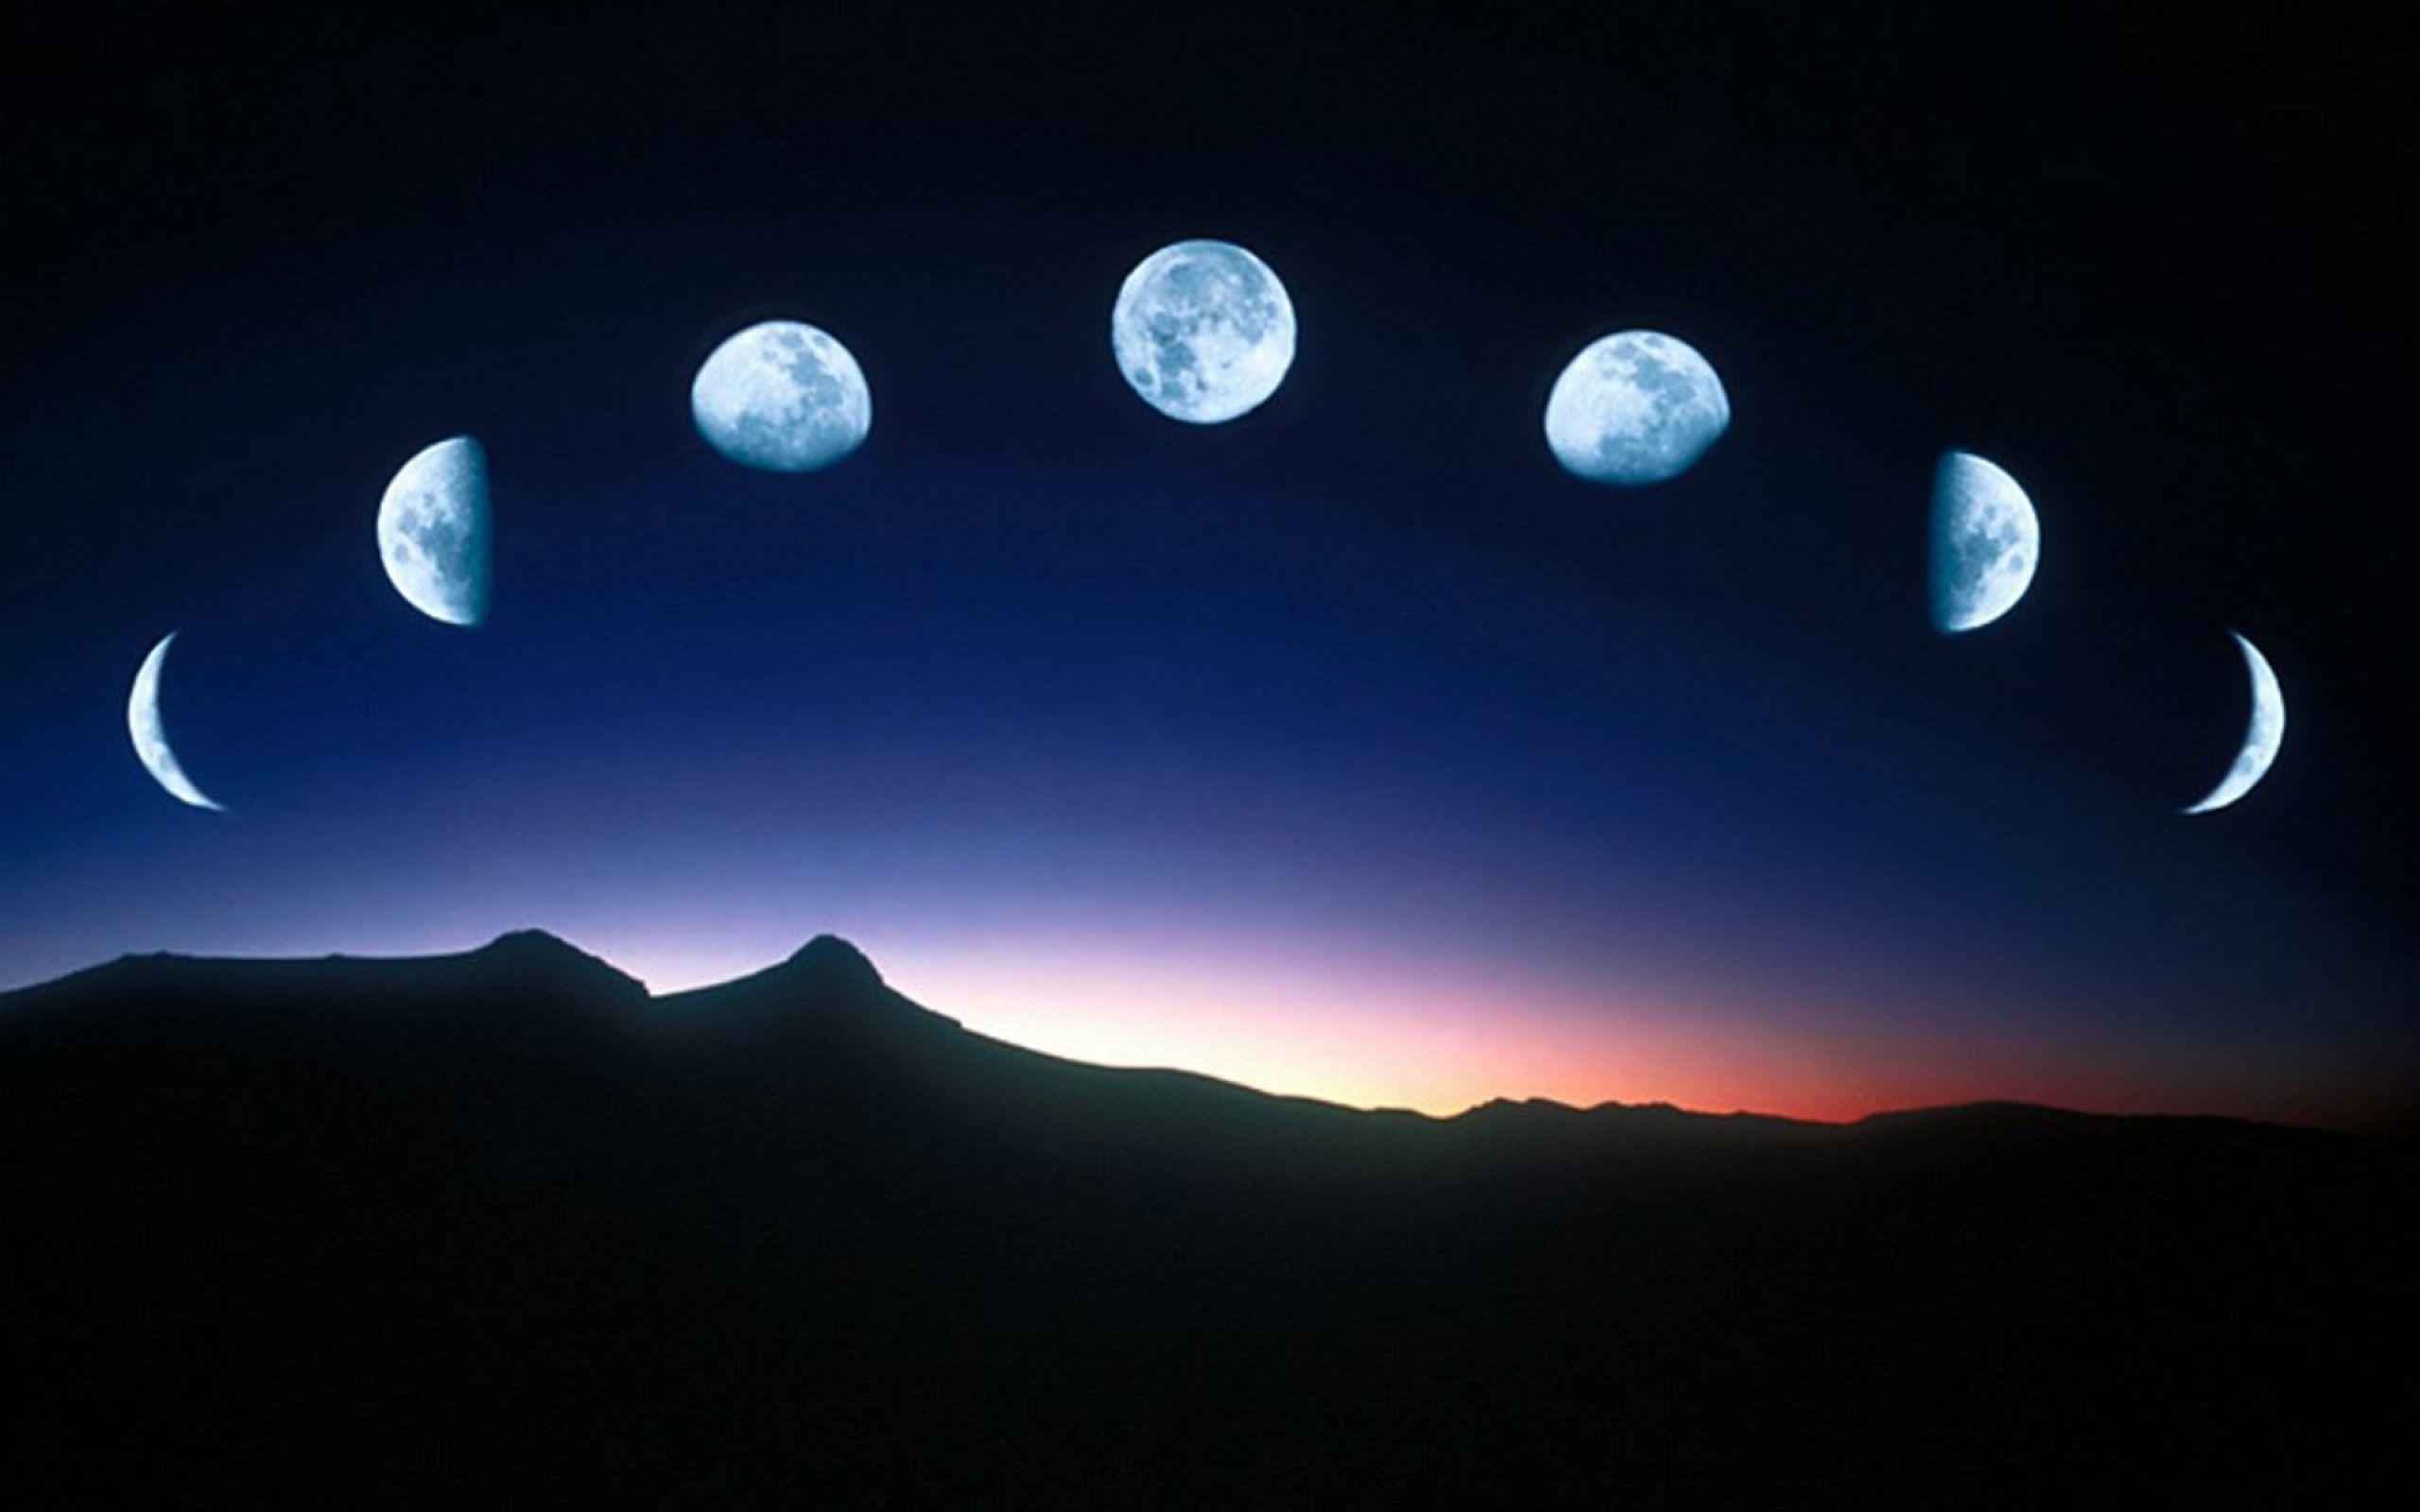 картинка новолуние рост луны новом интервью знаменитость